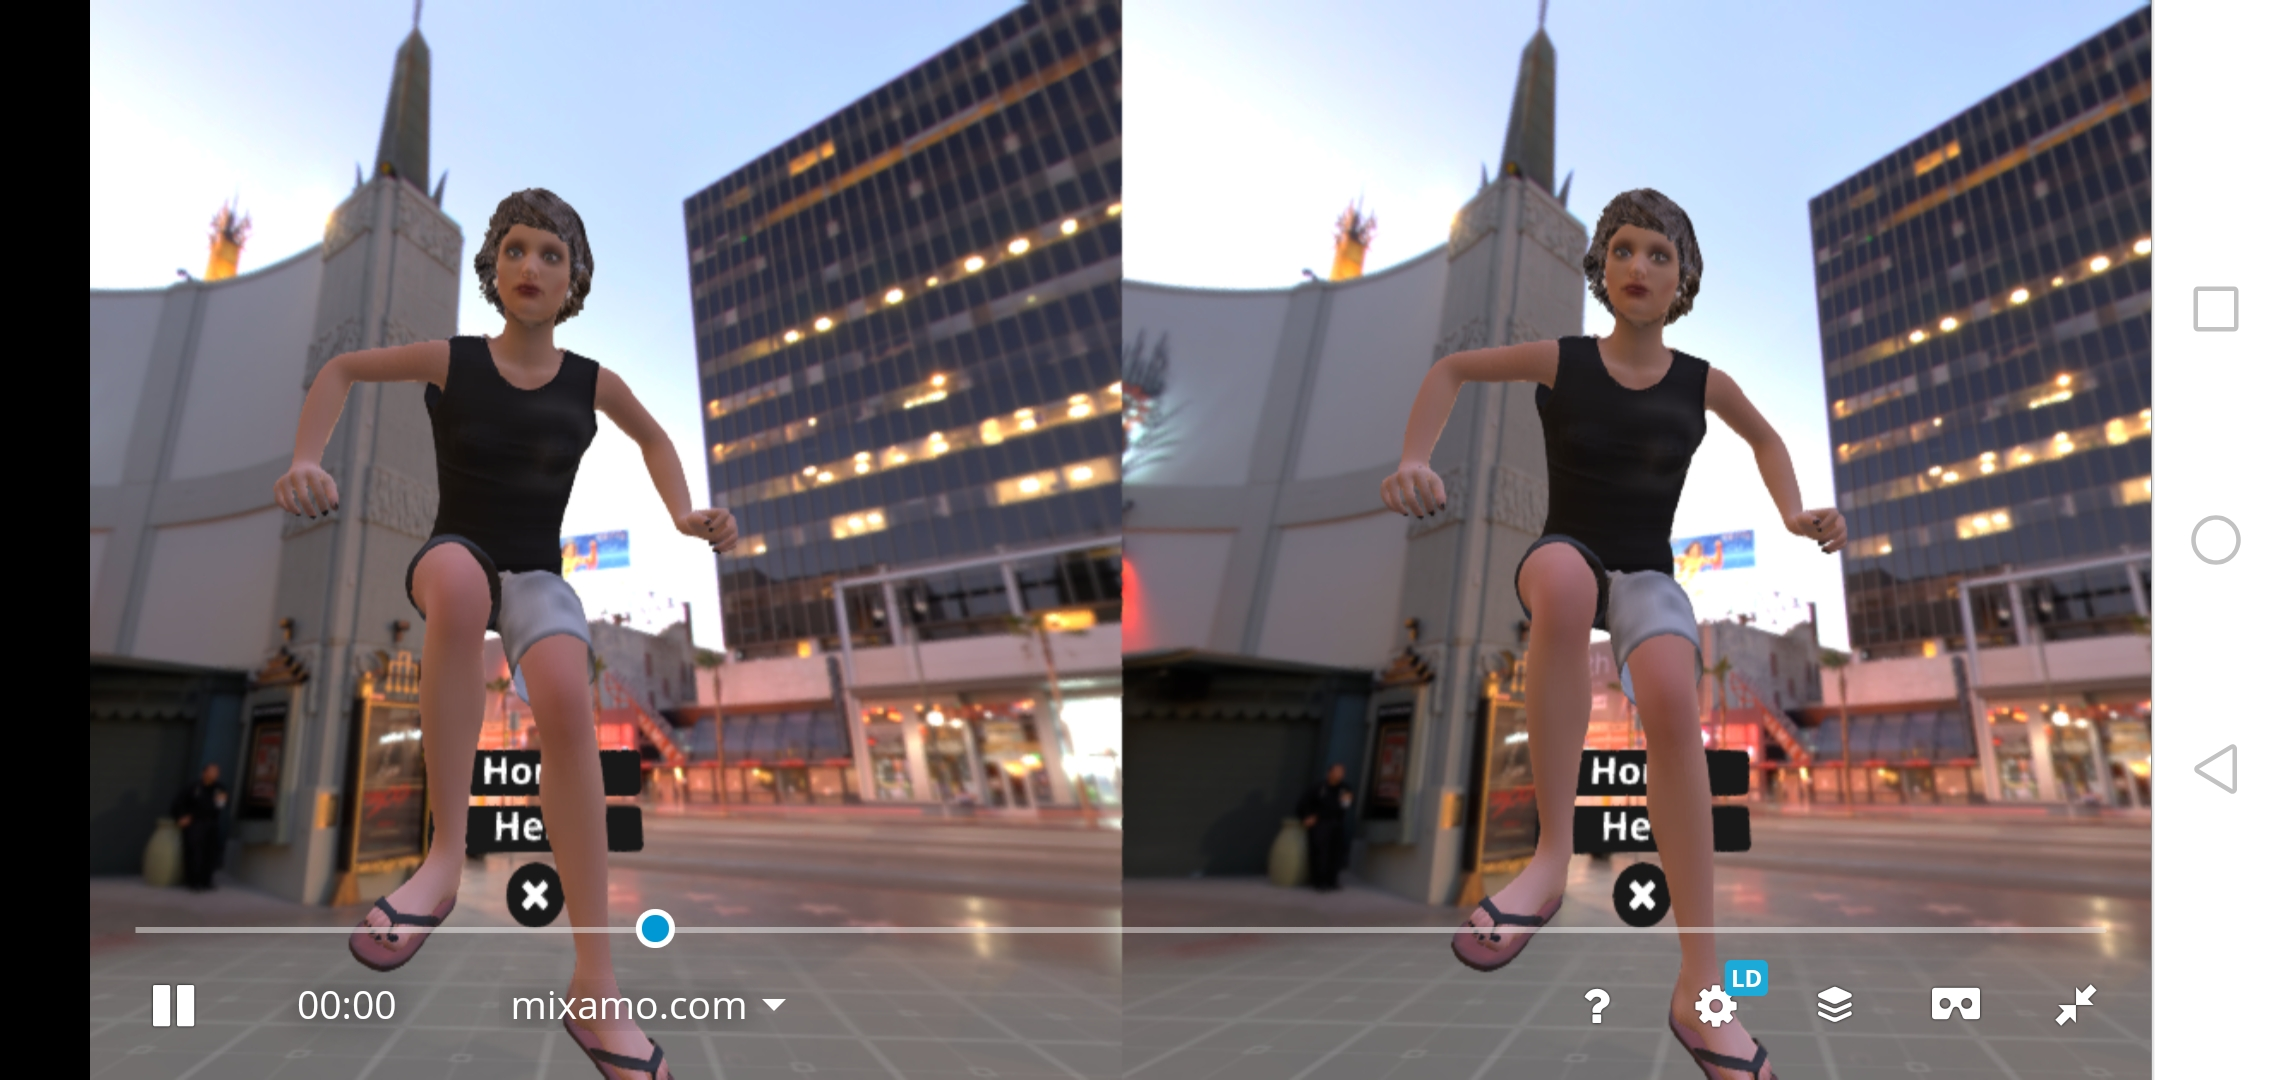 DAZ Studio Genesis2 Mixamo Sketchfab 3DVR